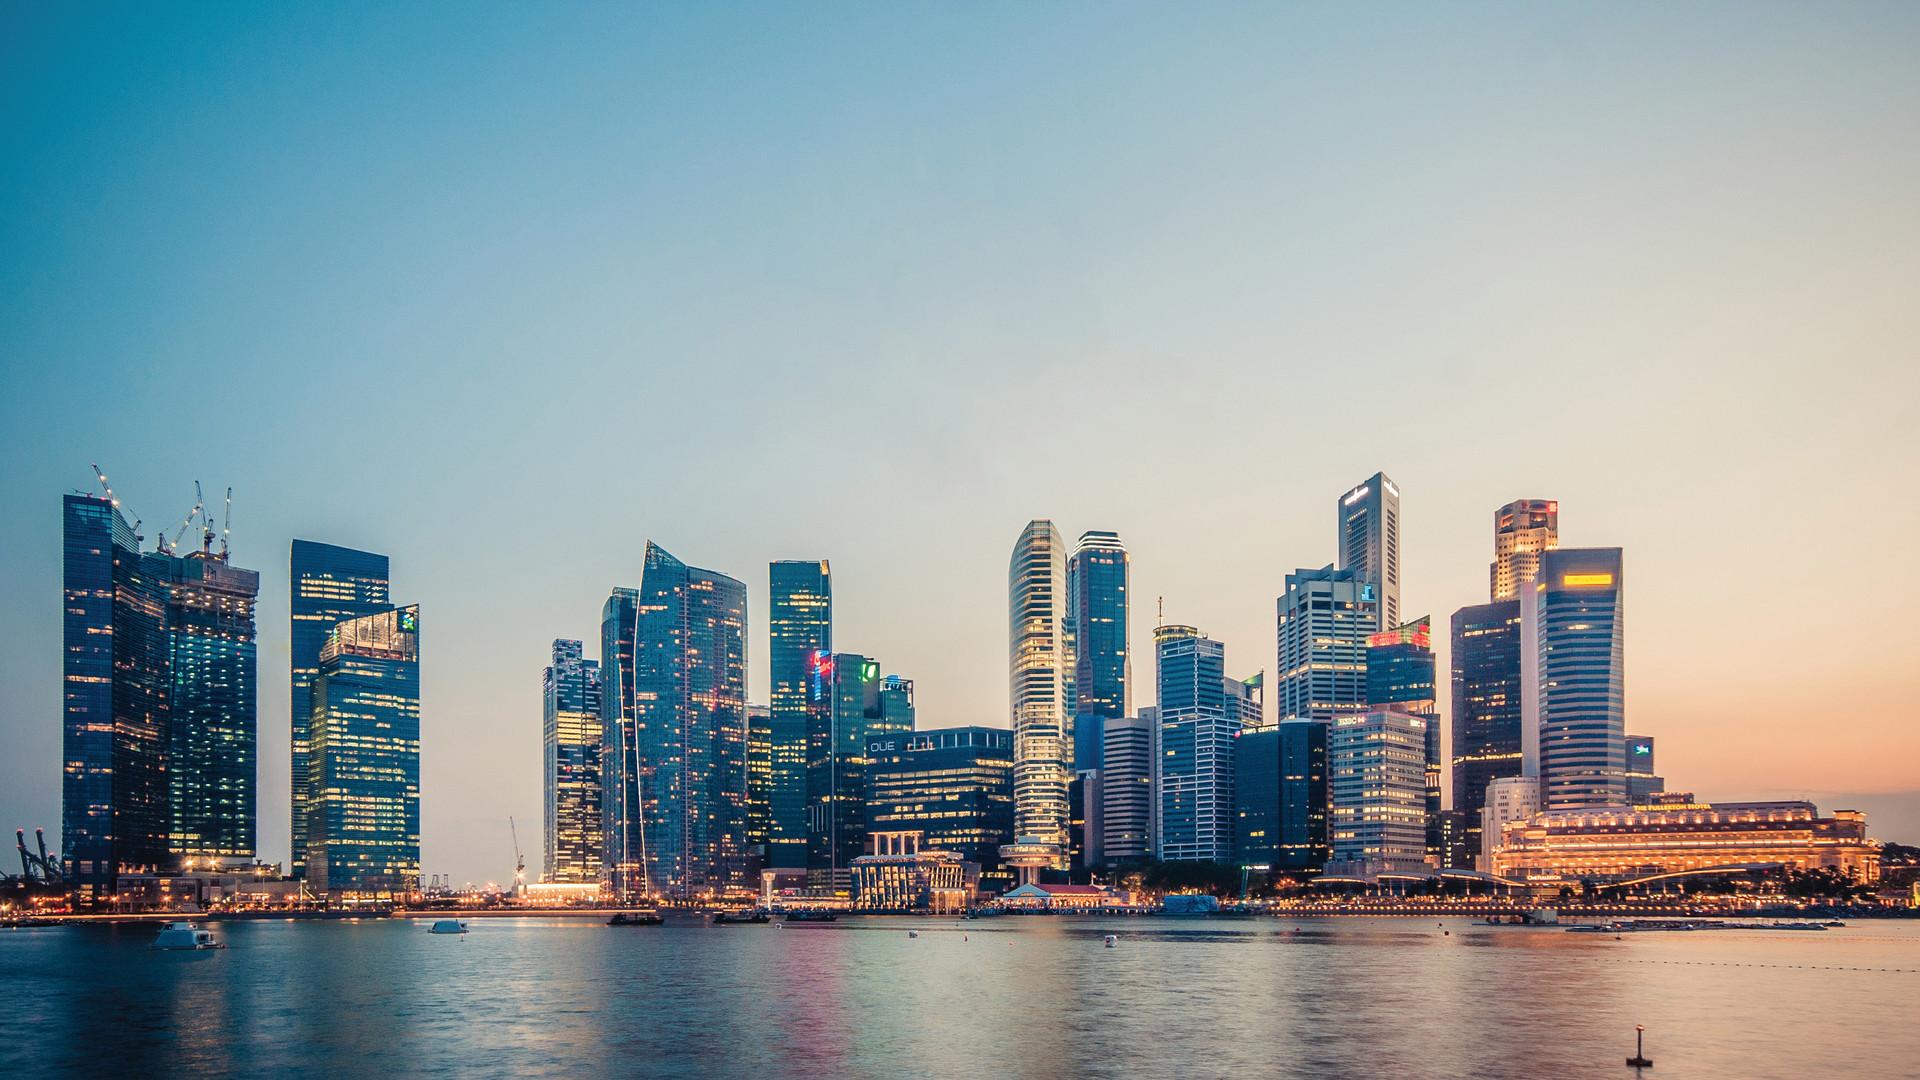 Doświadczenie w Singapurze, Singapur według Heng